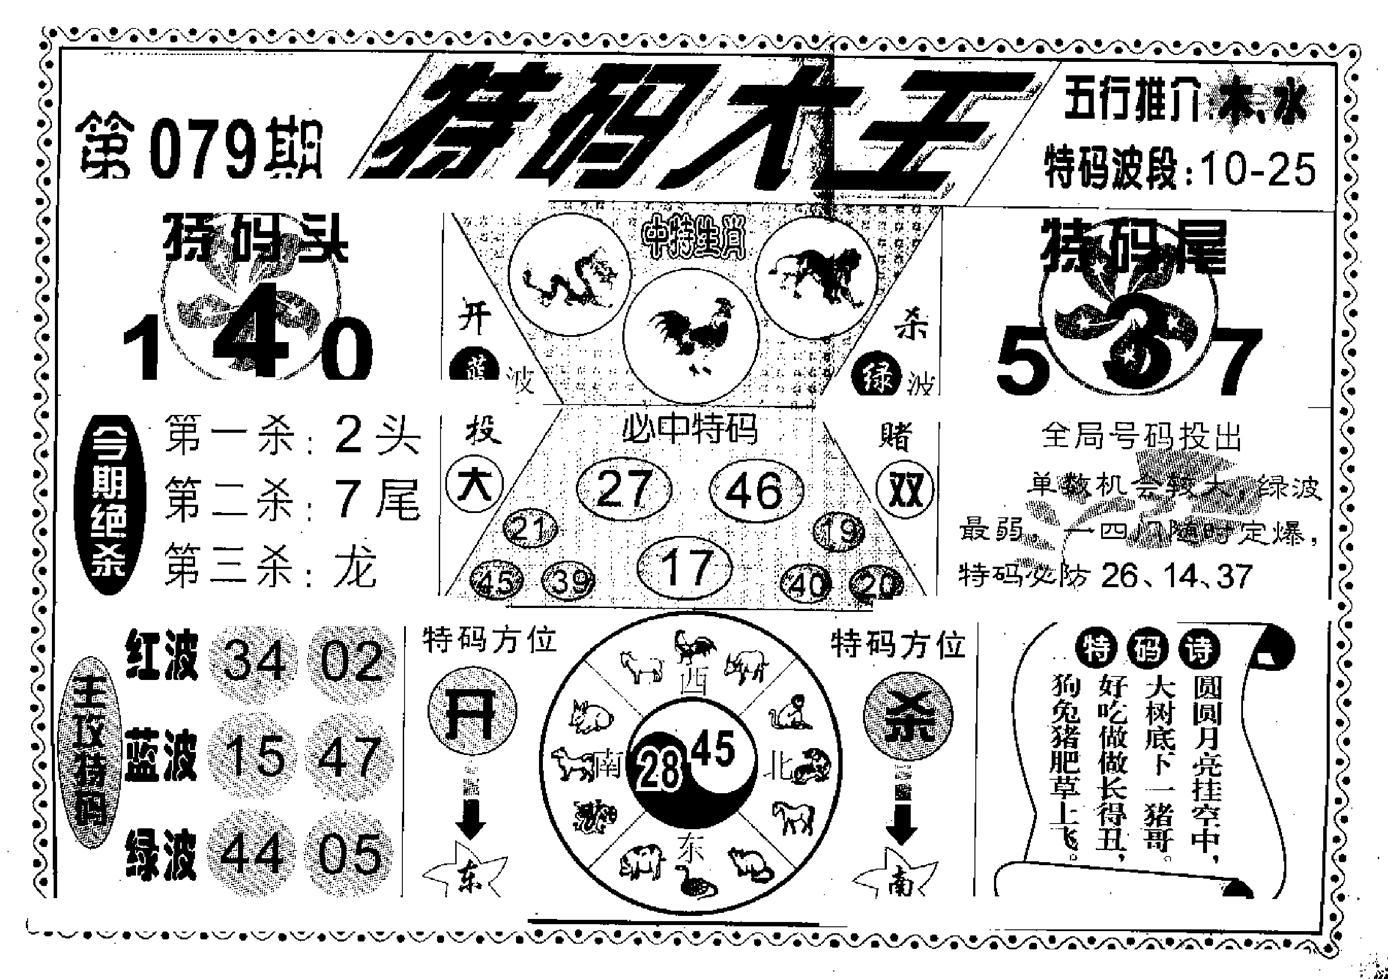 079期特码大王(黑白)